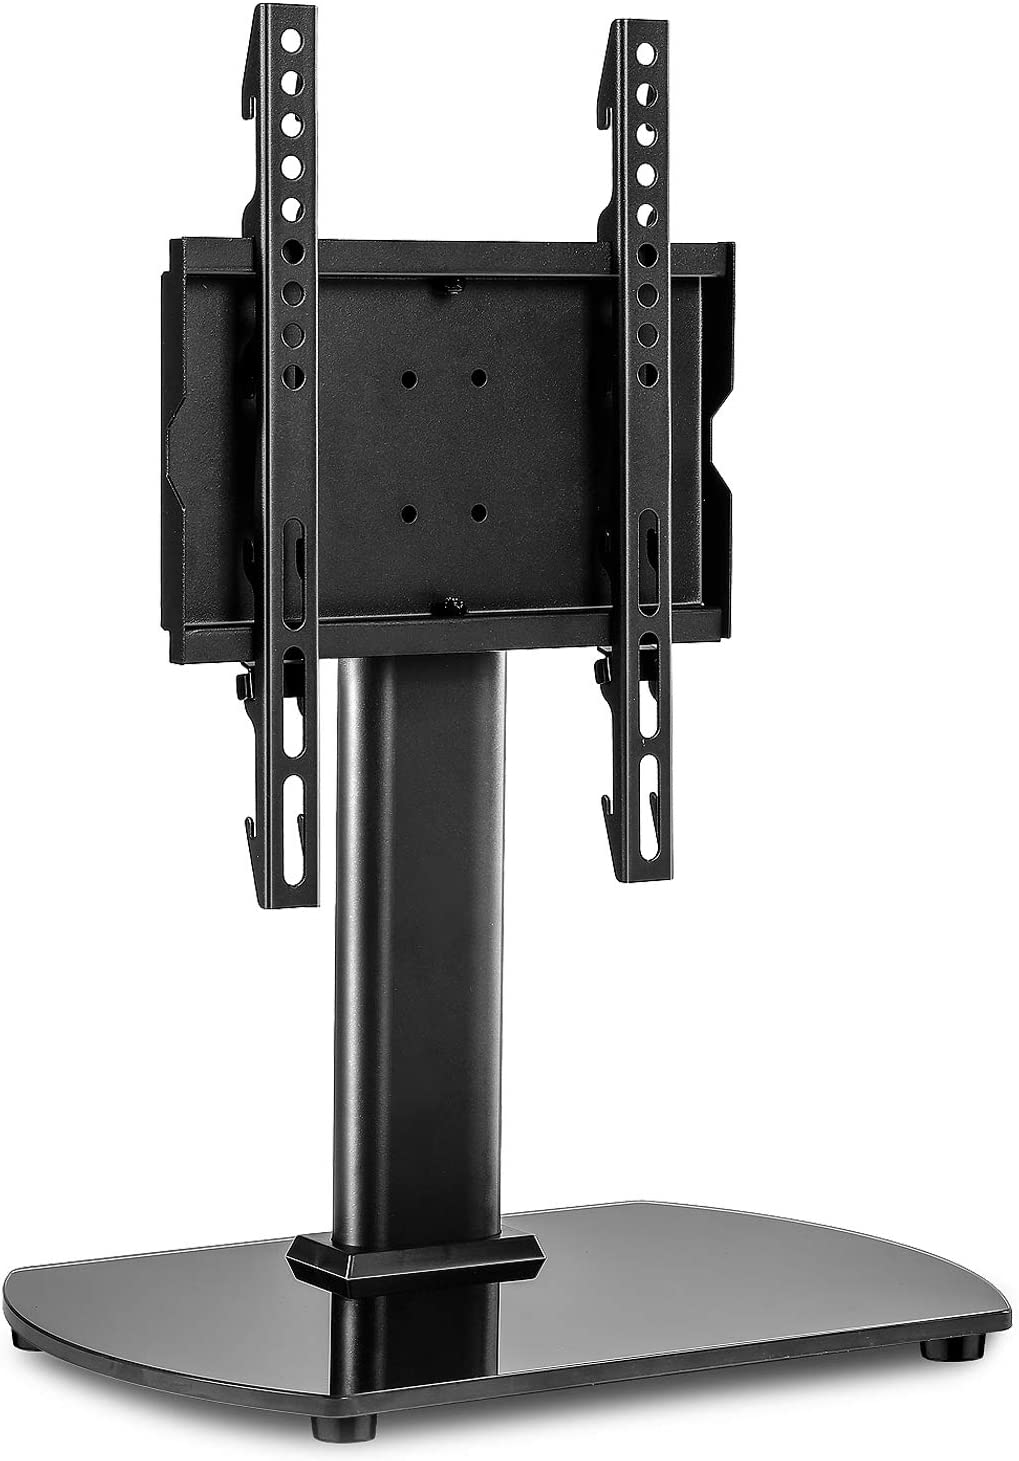 RFIVER Soporte Universal de TV de Mesa para Television de 20 a 40 Pulgadas con Giratorio y Altura Ajustable UT2003: Amazon.es: Electrónica